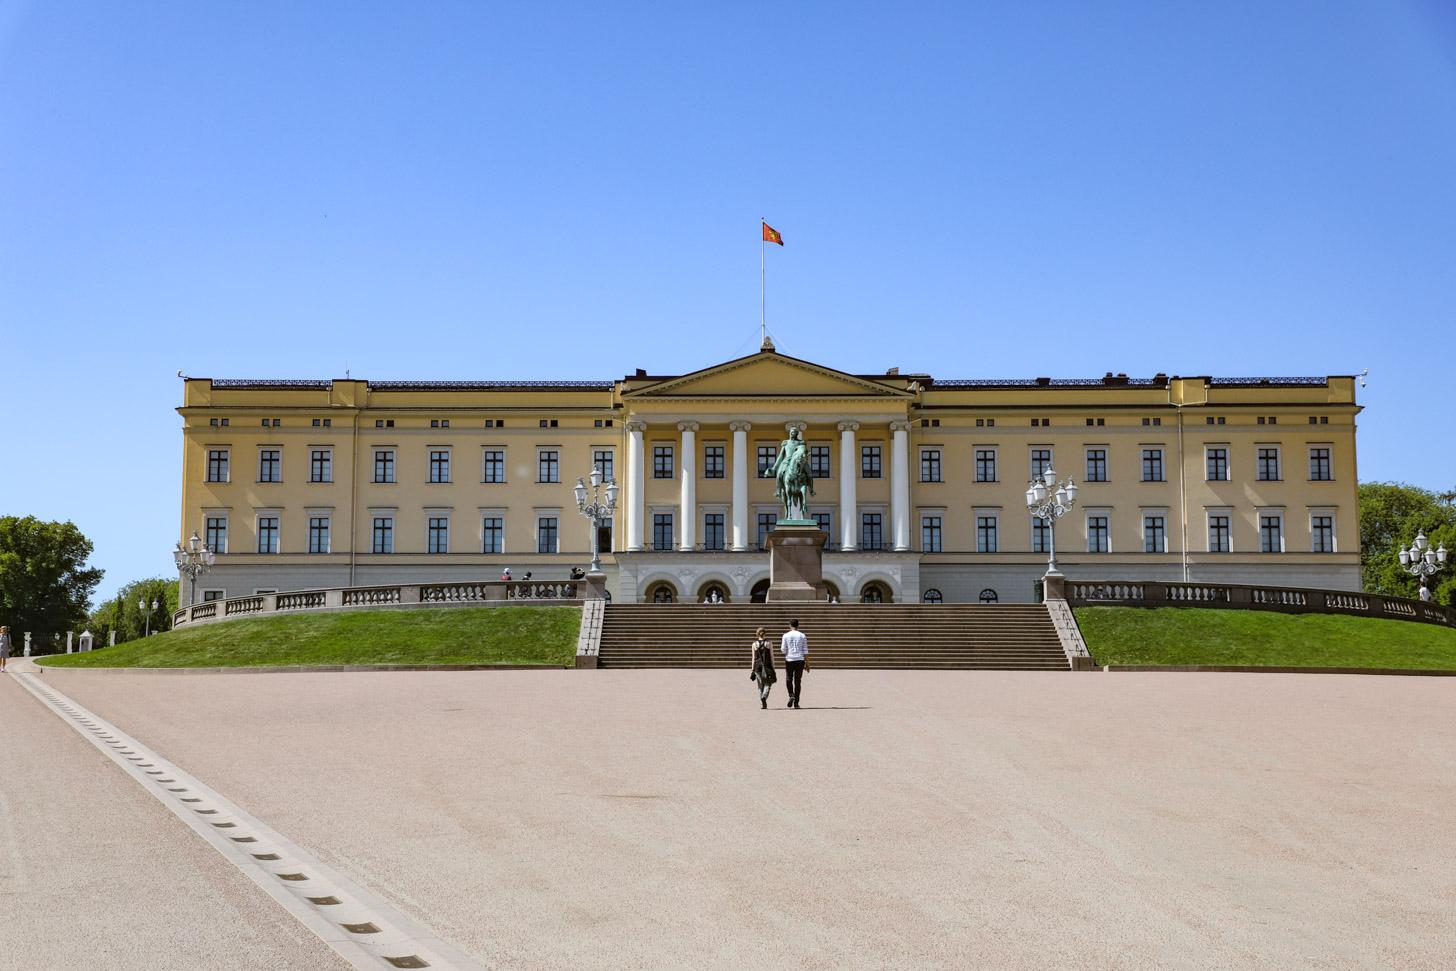 Het statige koninklijk paleis van Oslo.